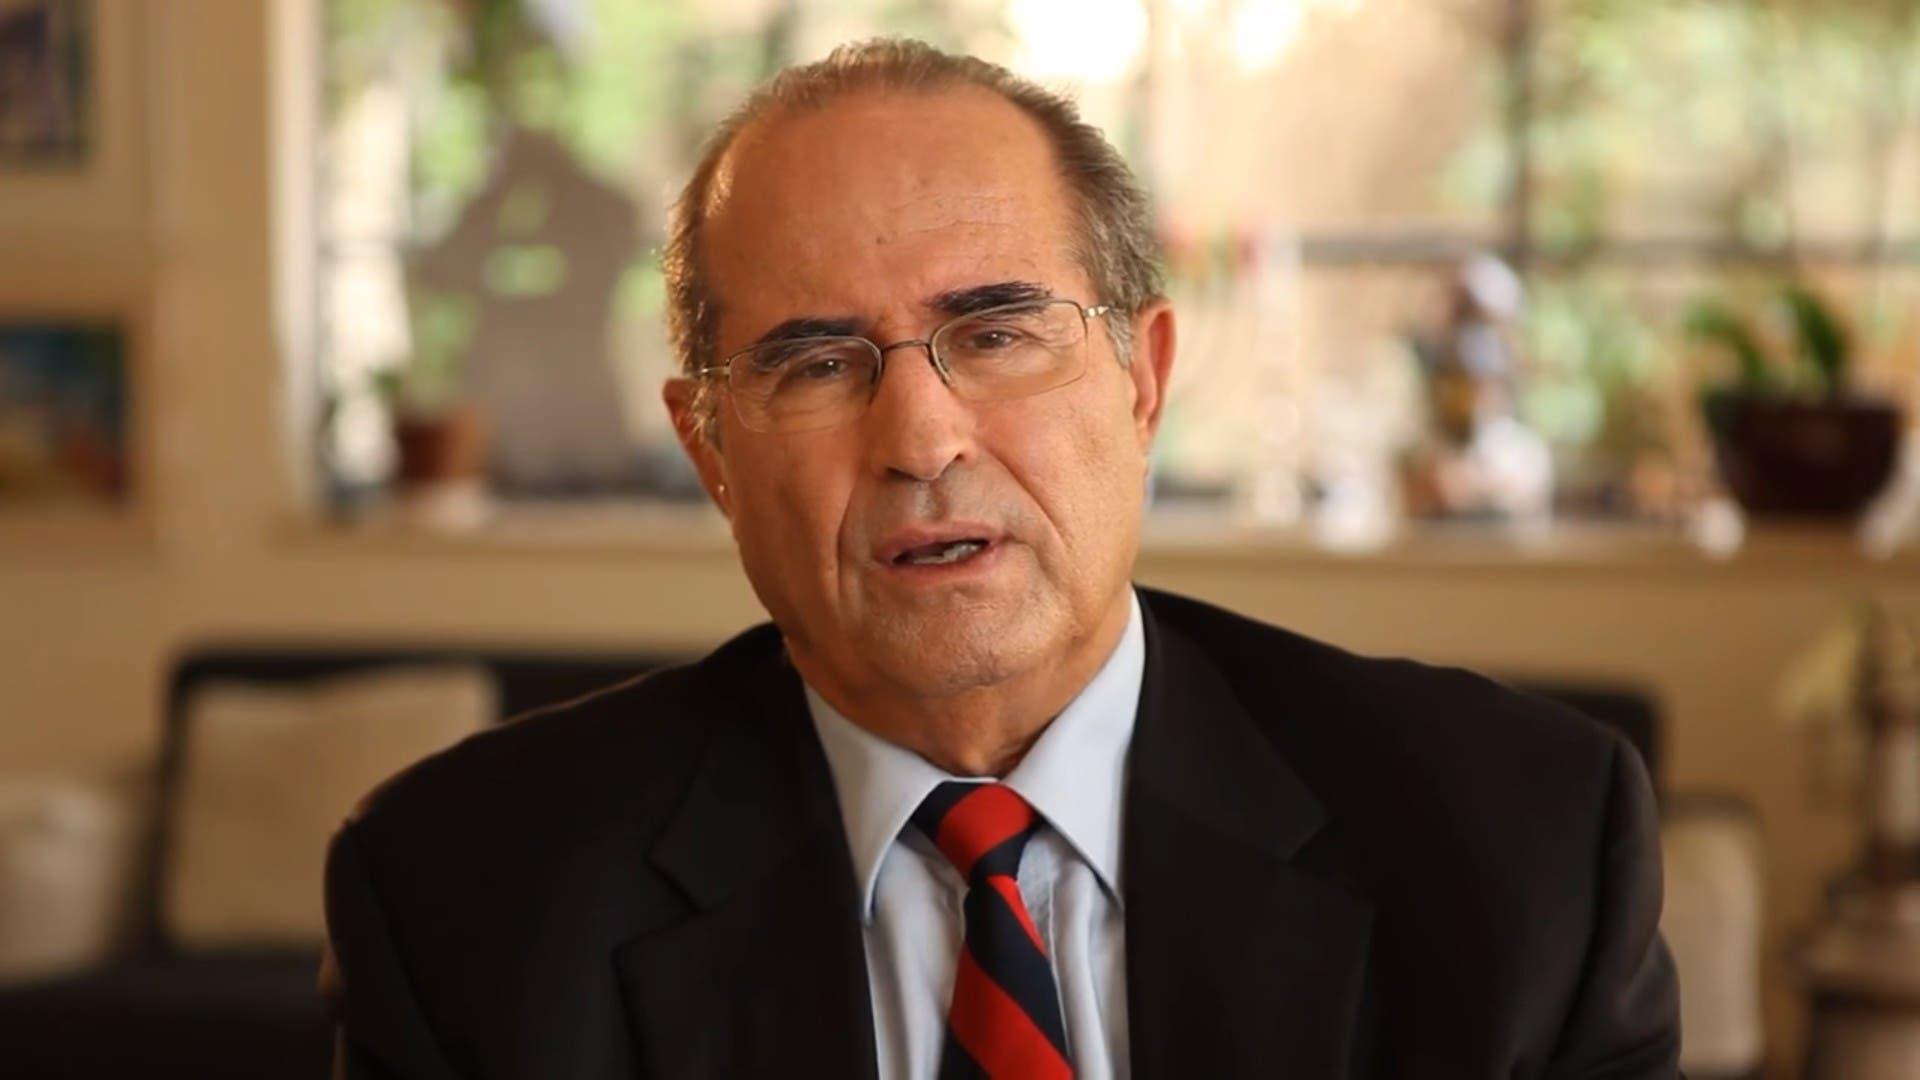 Shabtai Shavit ، مدیر سابق اطلاعات اسرائیل (موساد)